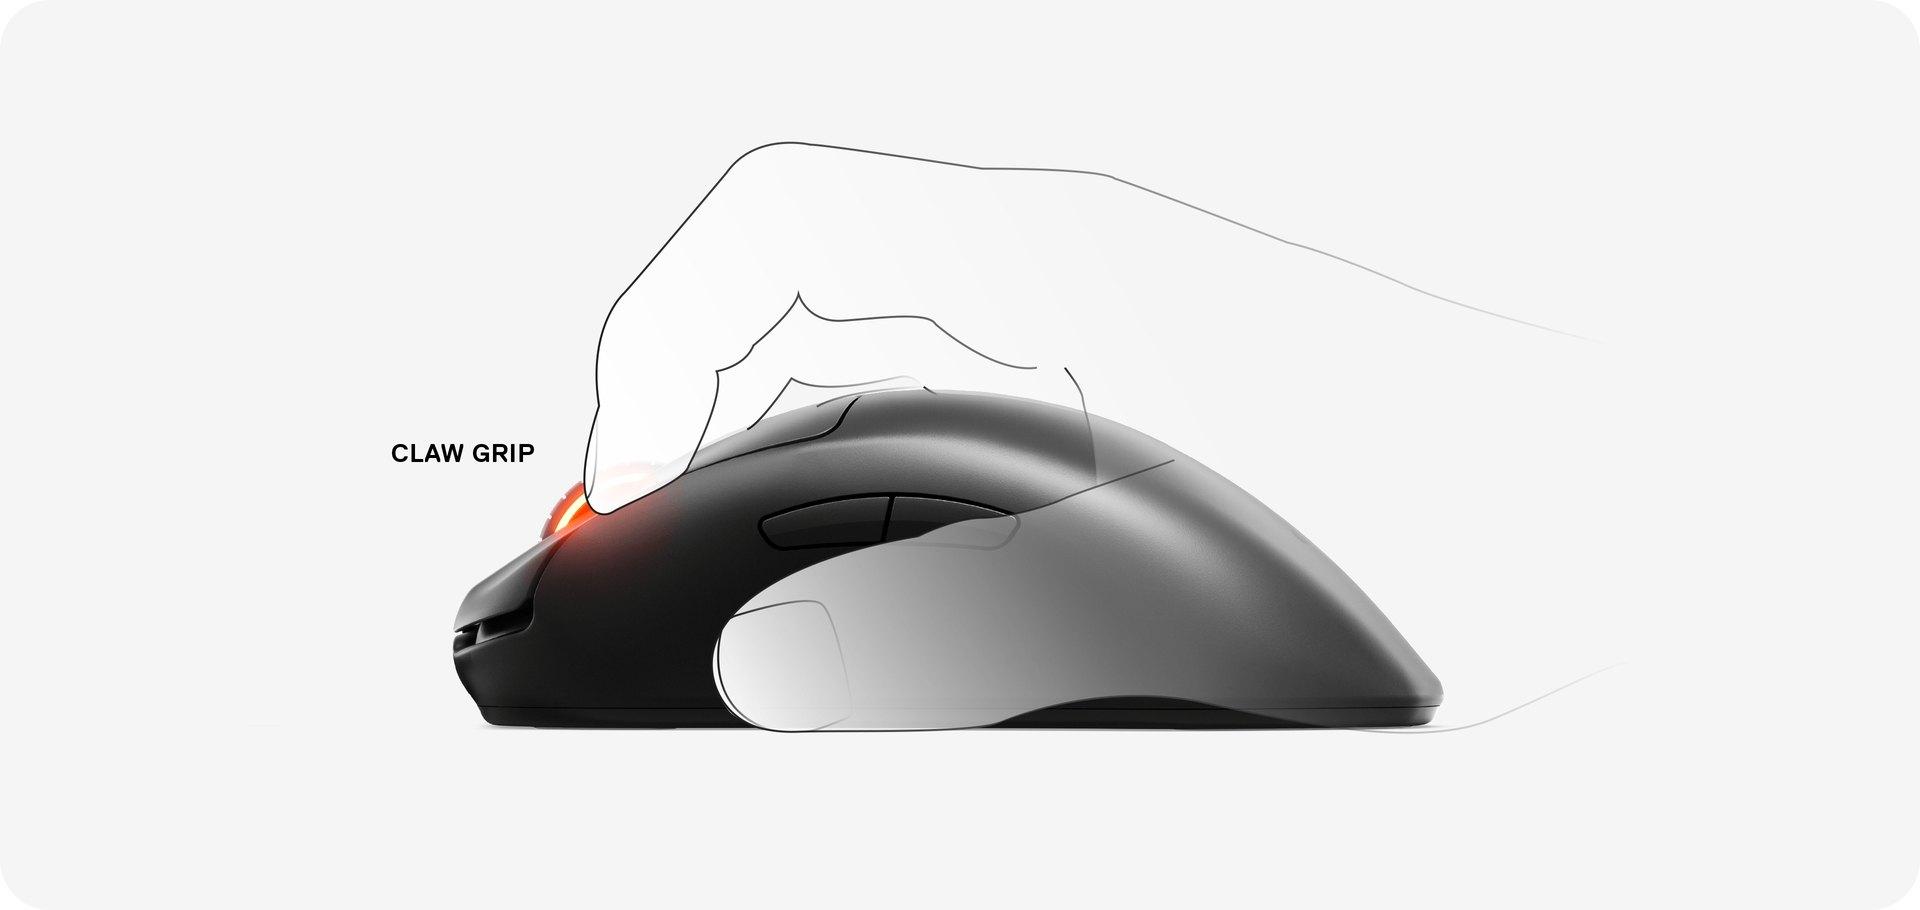 以抓握方式使用 Prime 無線滑鼠的手圖示。